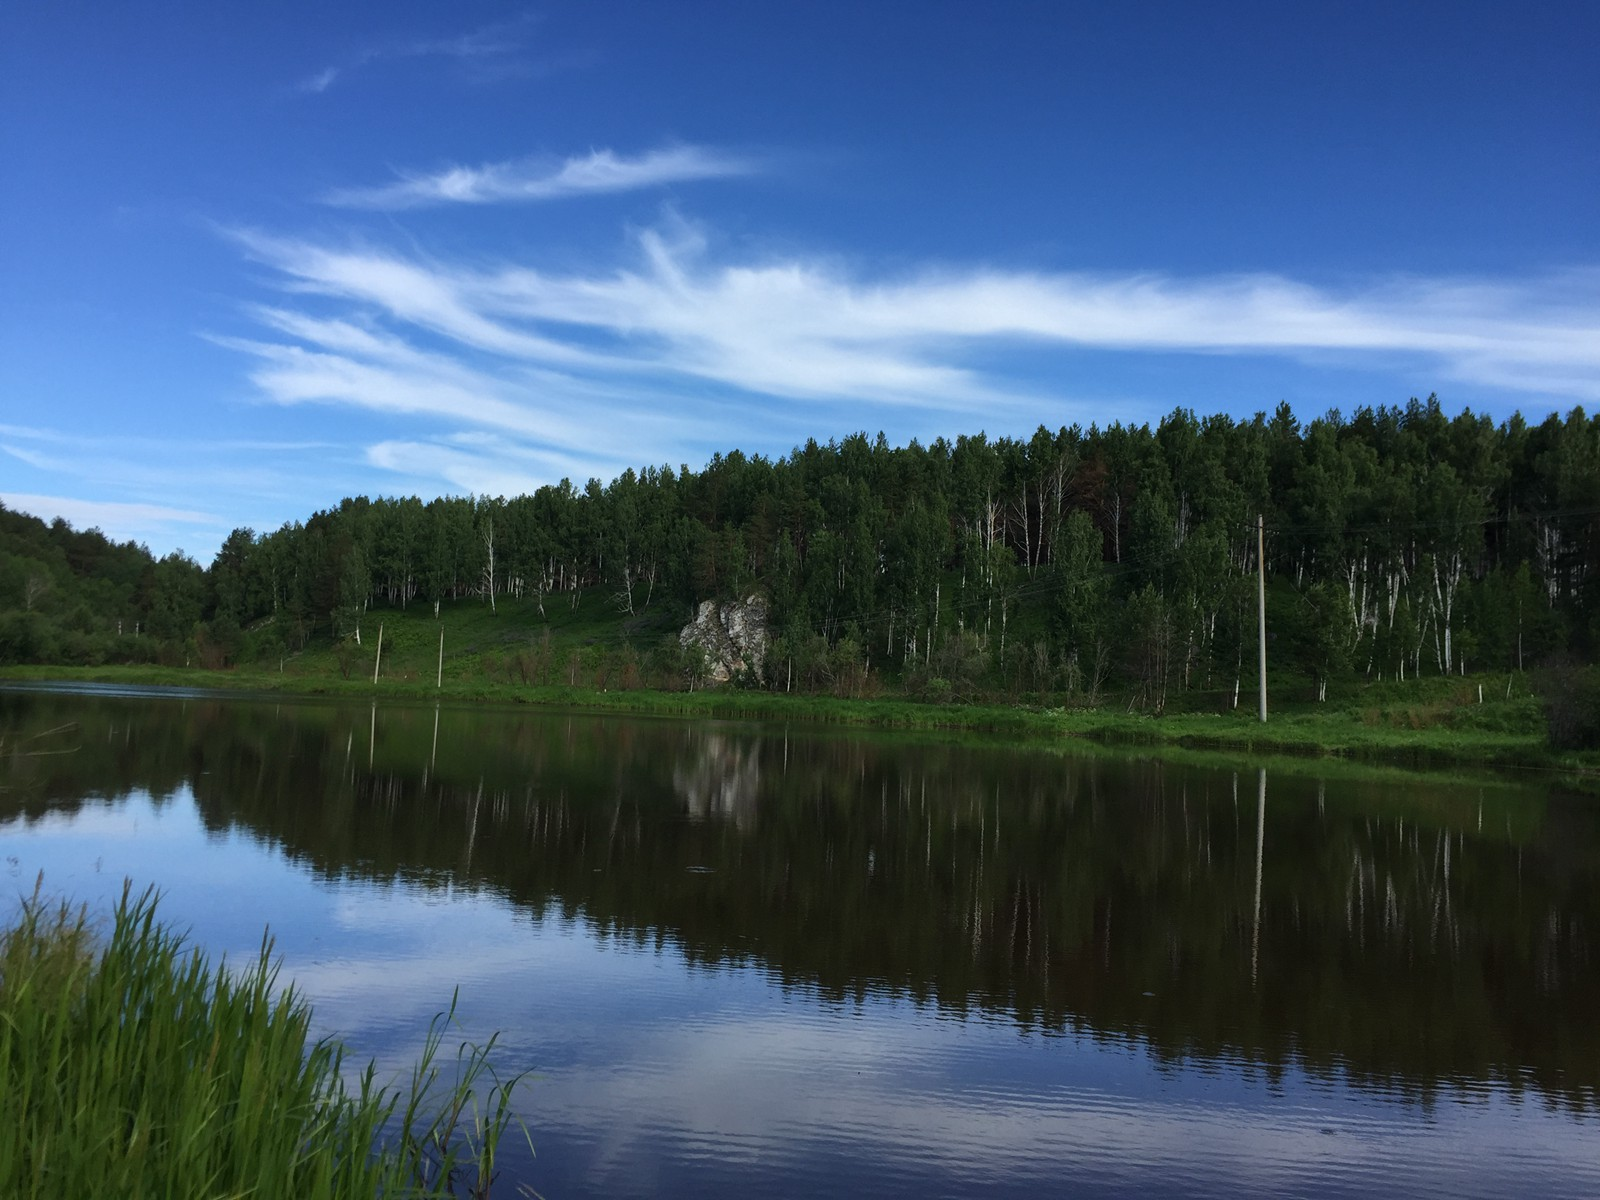 这是涅瓦河的河湾(当然不是圣彼得堡那条涅瓦河)